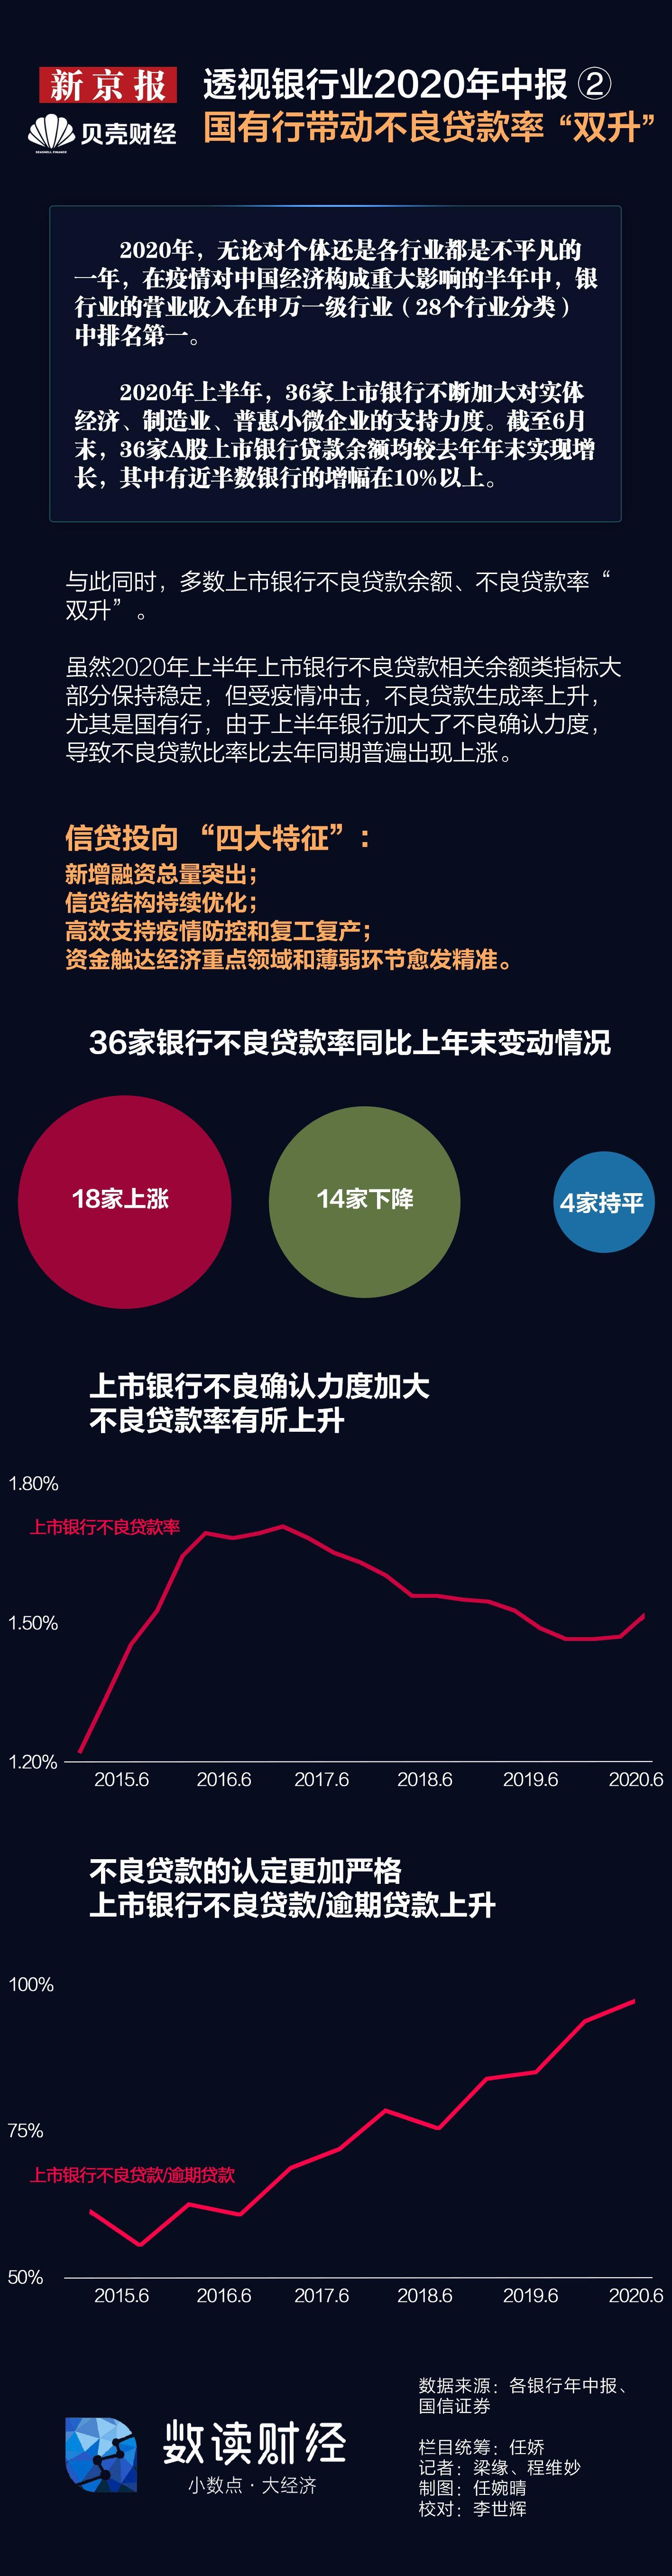 """透视银行业2020年中报2:国有行带动不良率""""双升"""""""